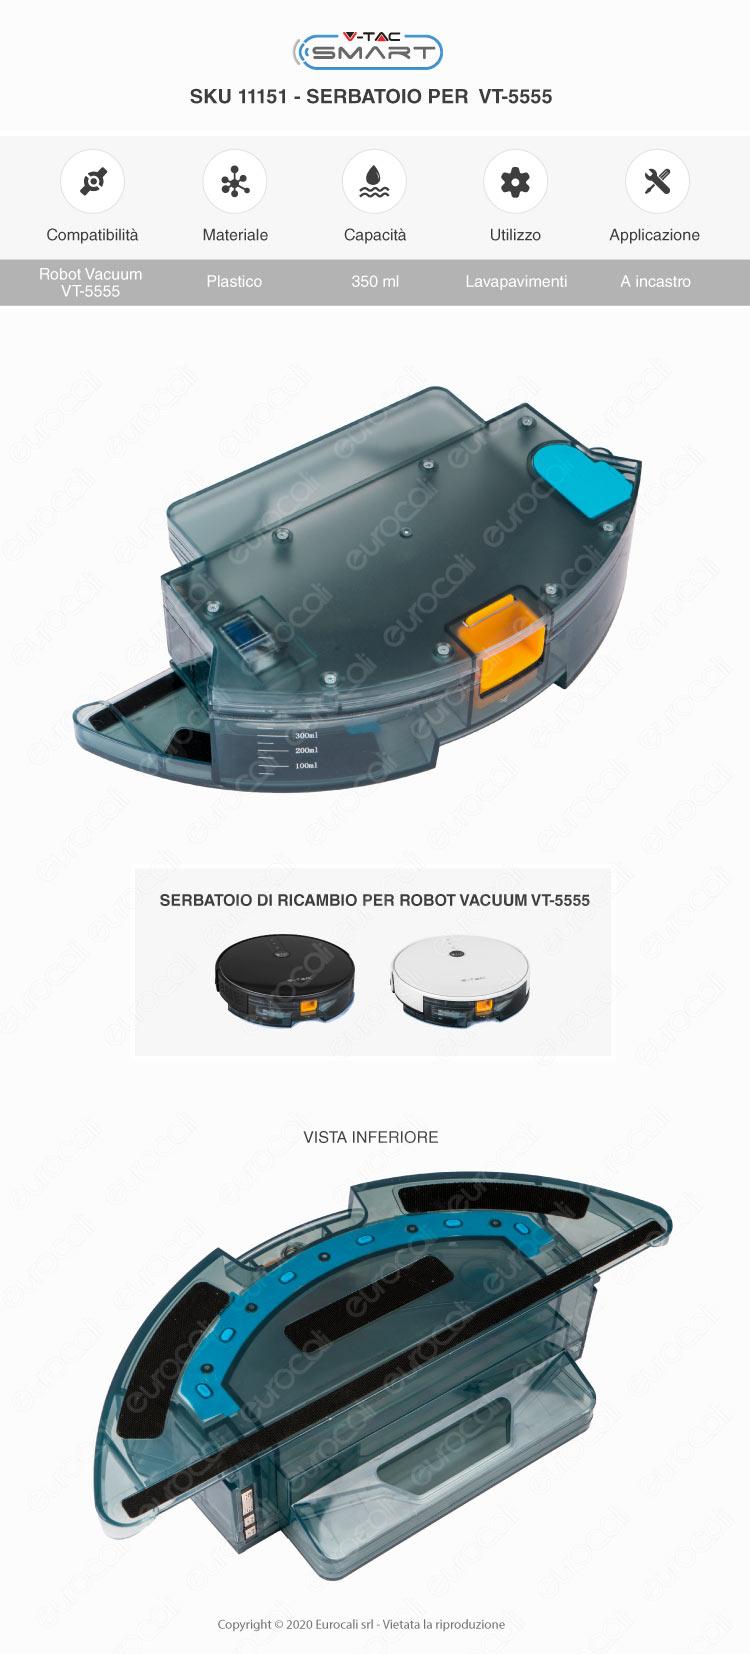 V-Tac Robot Aspirapolvere Lavapavimenti